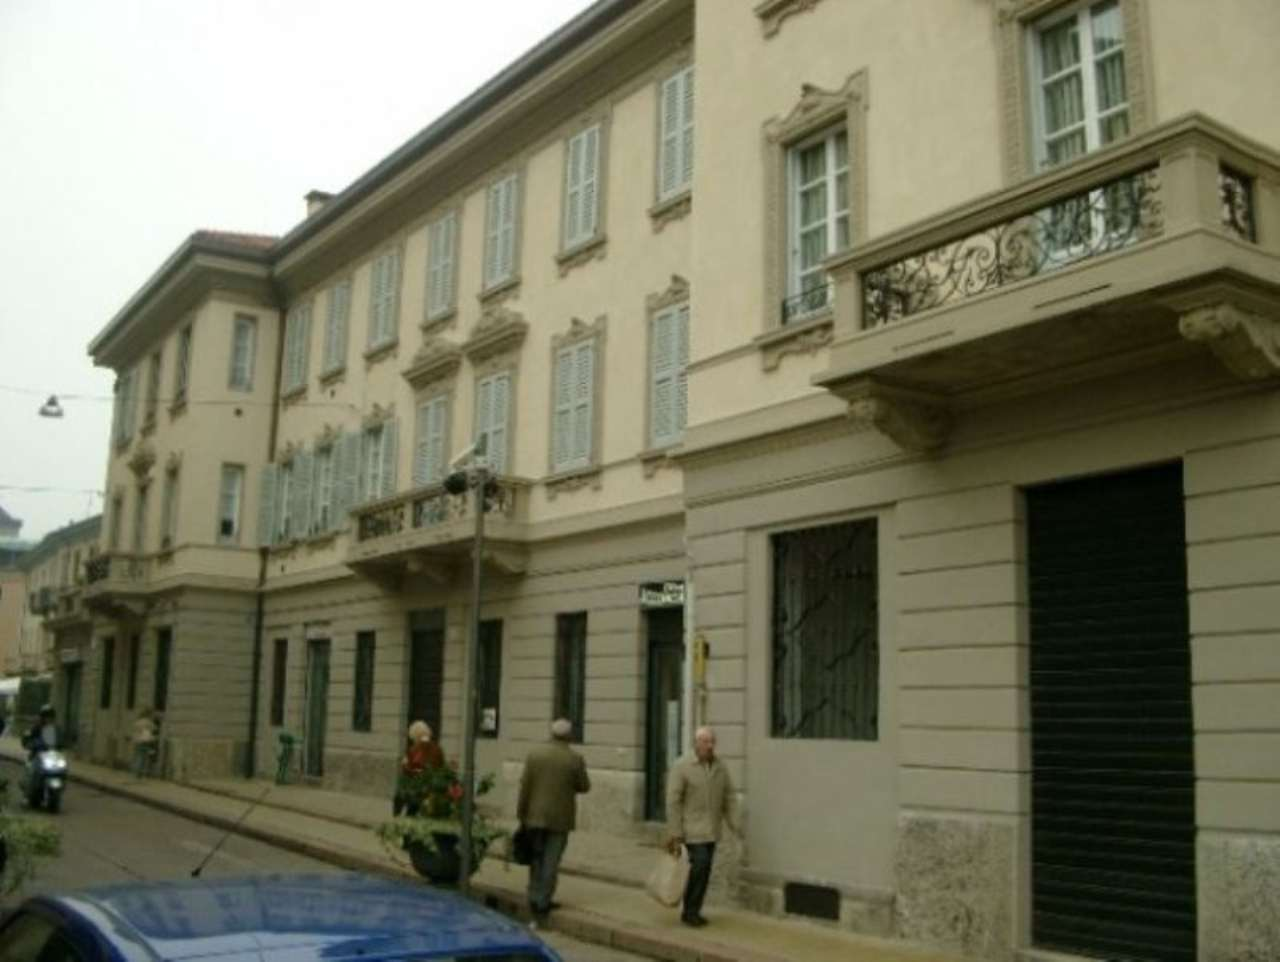 Negozio / Locale in vendita a Saronno, 3 locali, prezzo € 290.000 | Cambio Casa.it